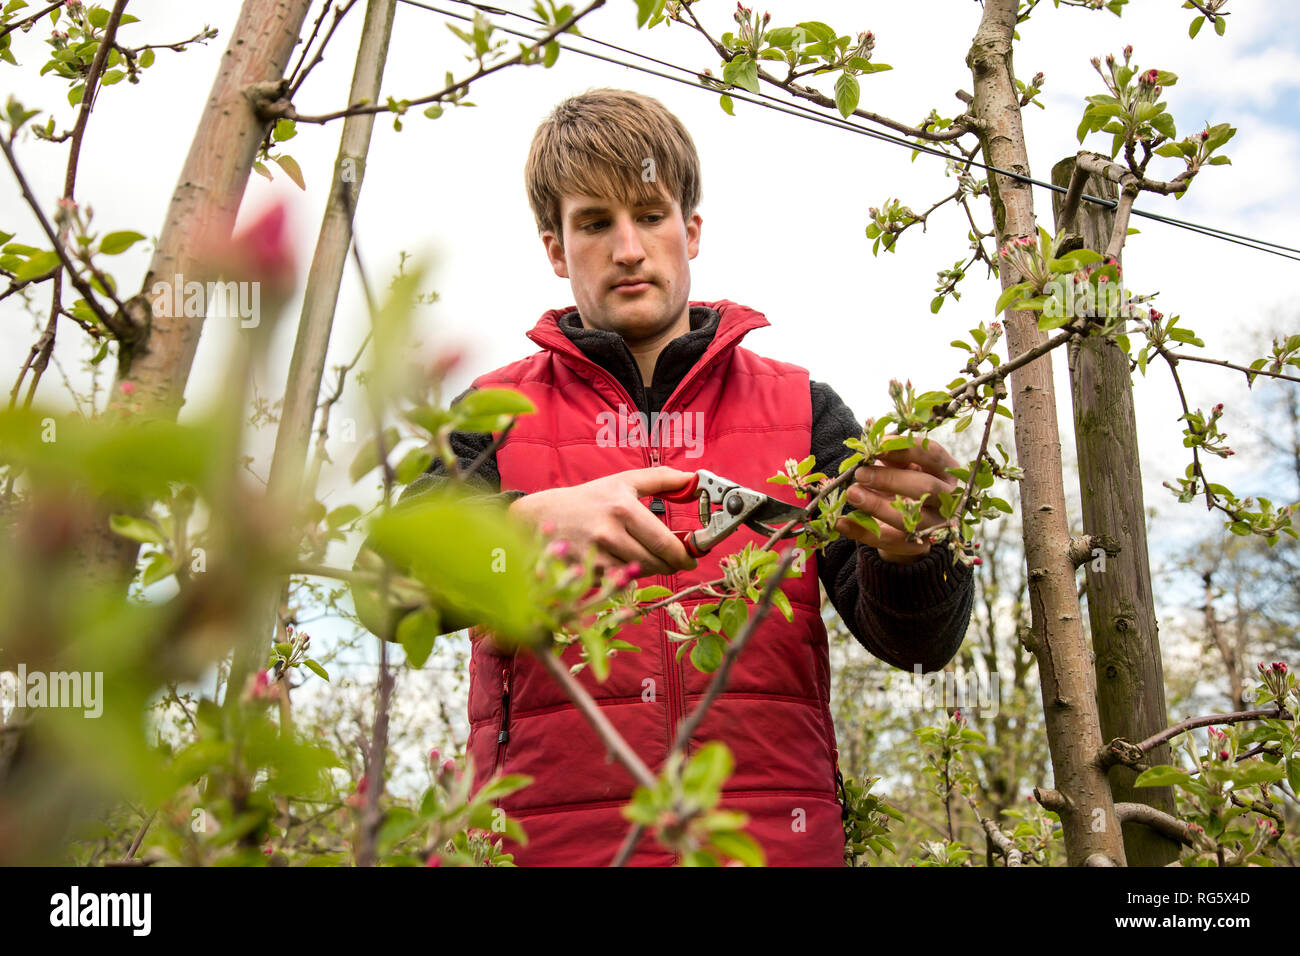 Apprentice in orchard prunes apple trees, Schumacher orchard, Auszubildender im Obstbau beschneidet ApfelbŠume, Obstbaubetrieb Schumacher Stock Photo